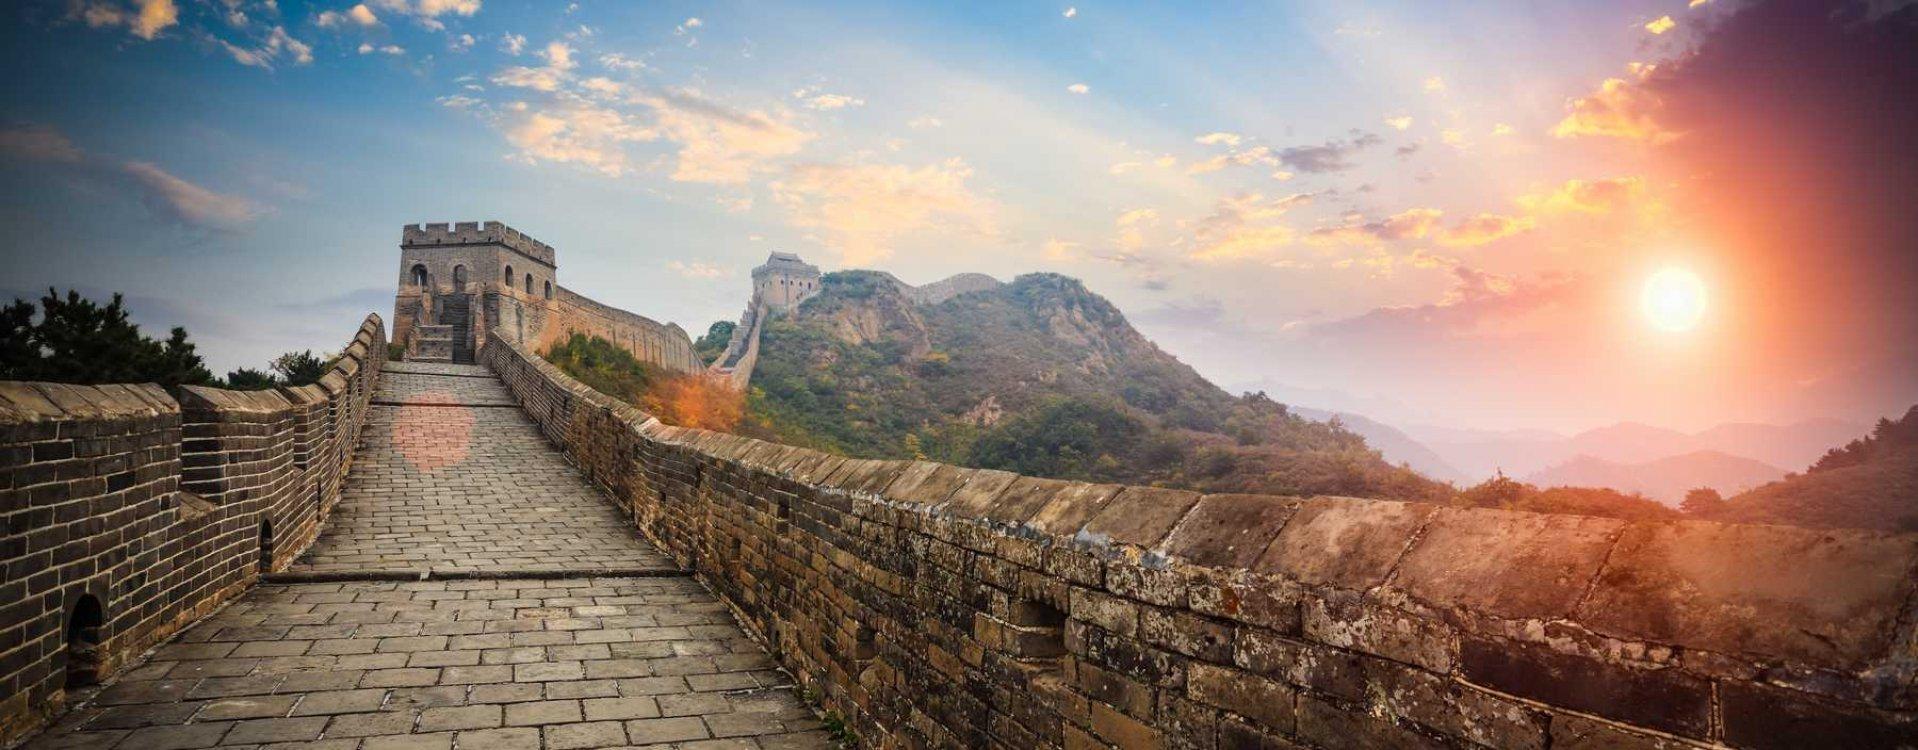 De Grote Muur, Beijing